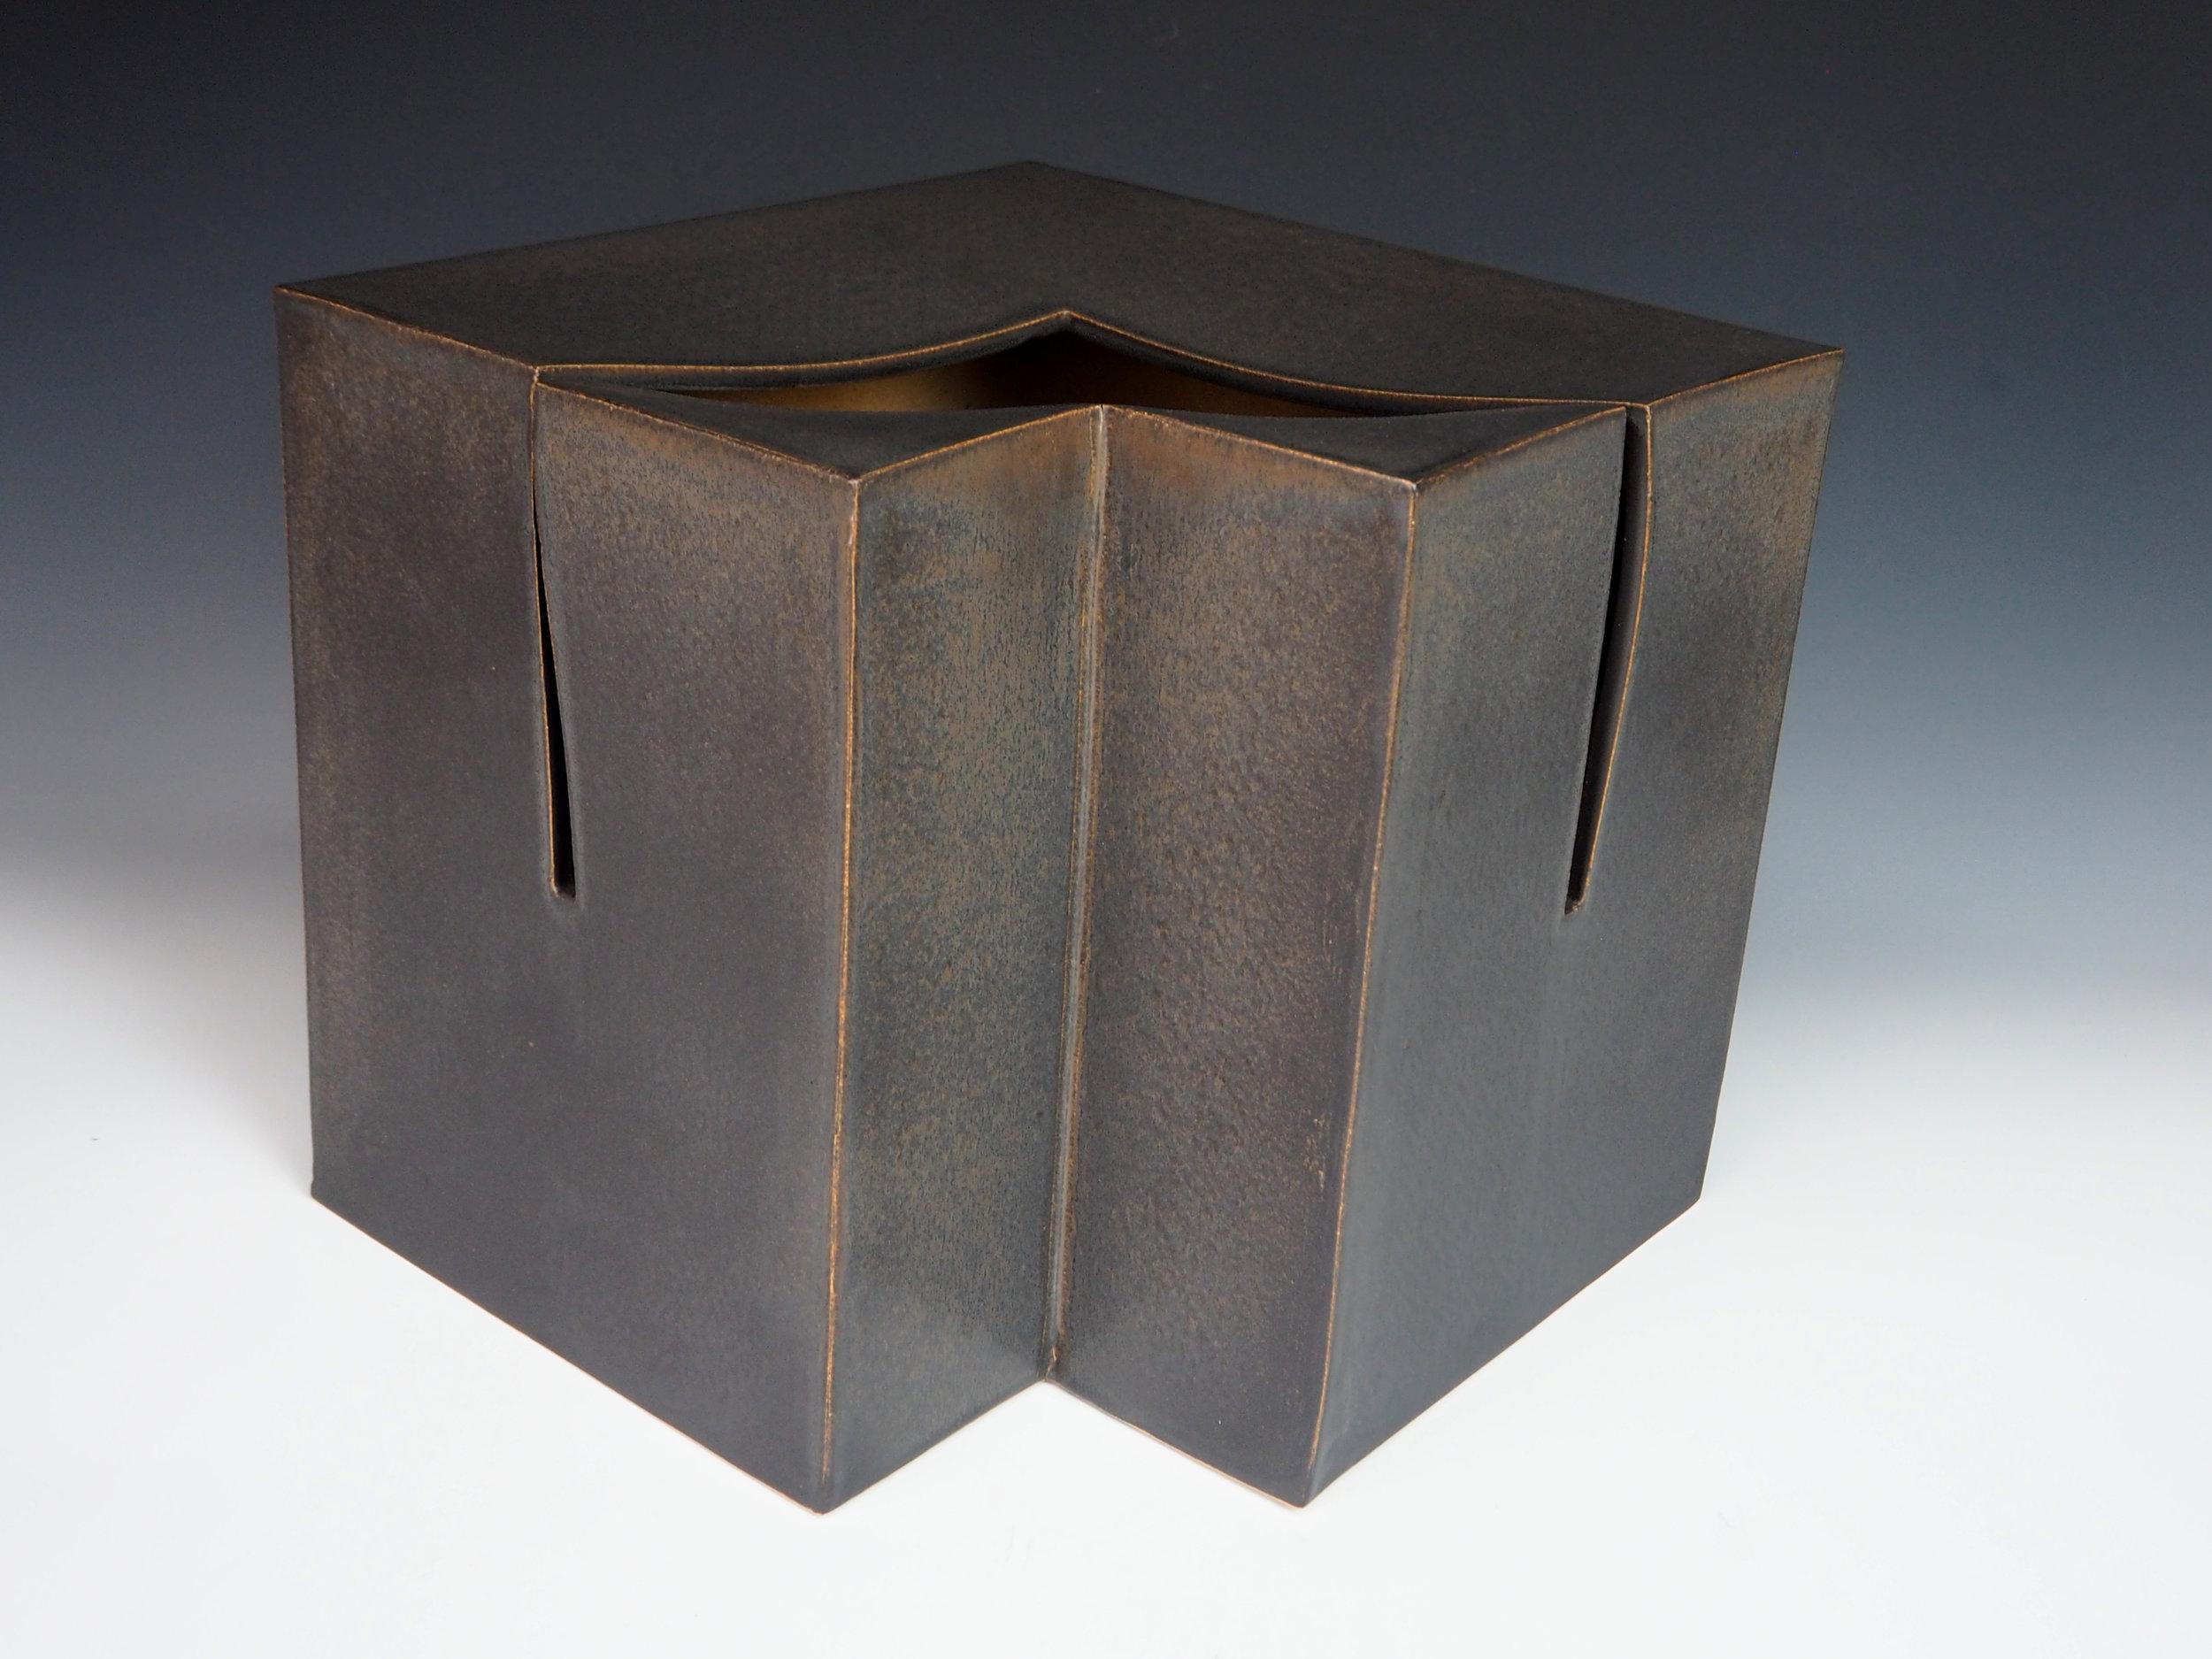 KIYOMIZU Rokubei VIII | Iron-glazed Pottery Sculpture cube